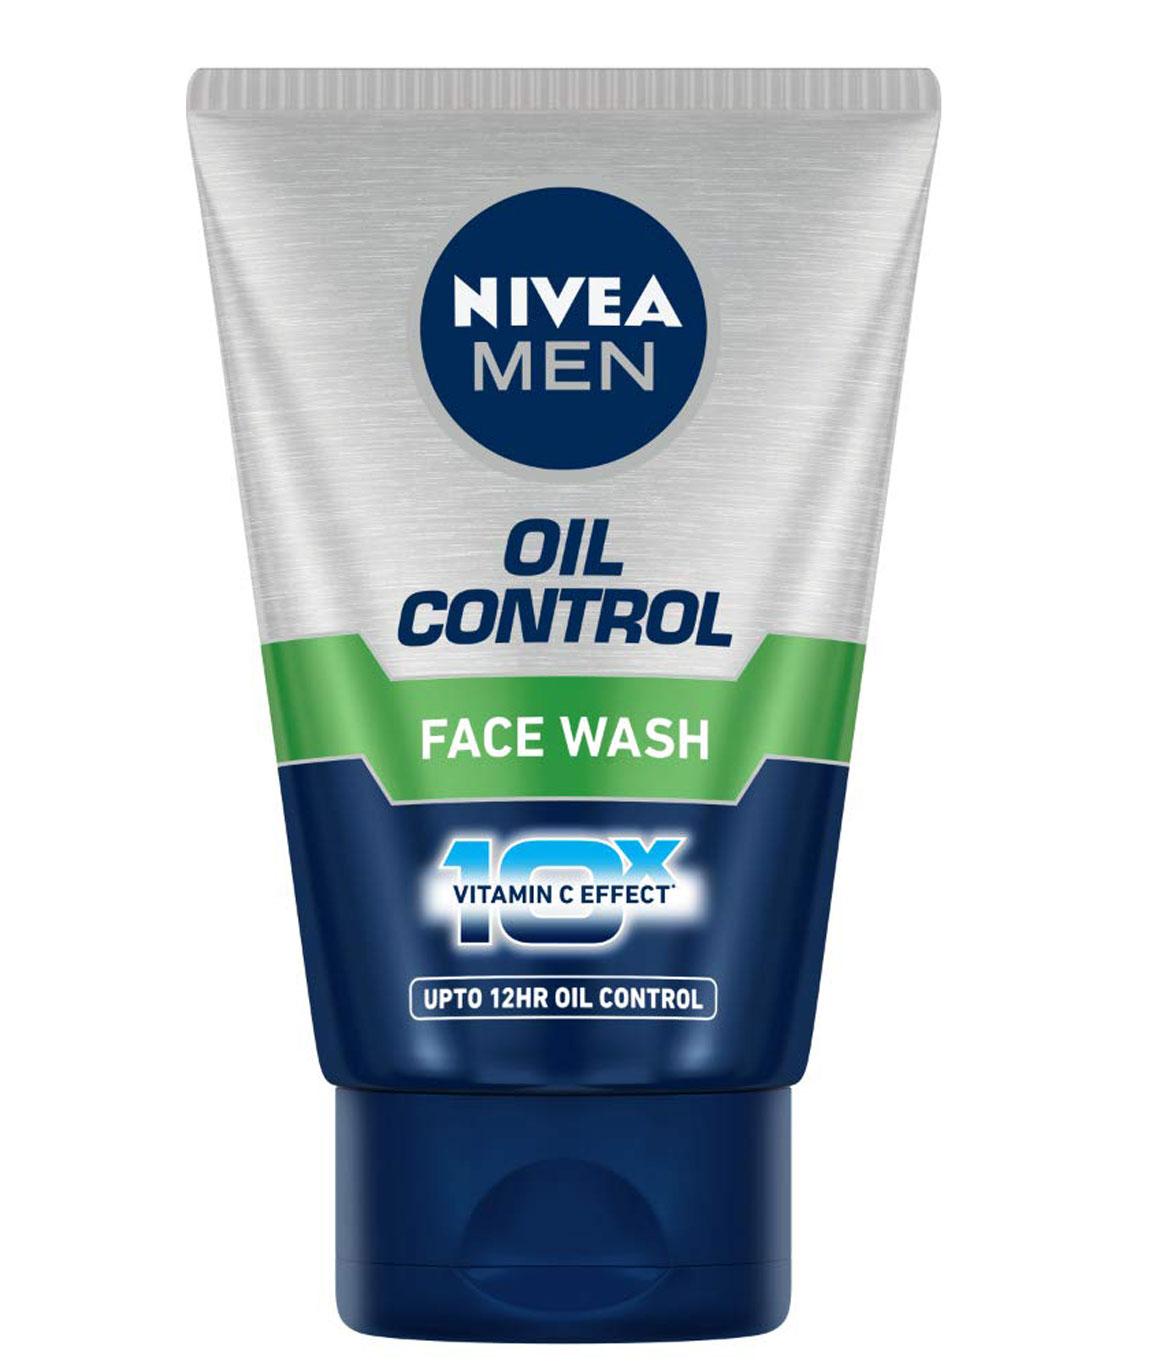 NIVEA MEN Face Wash, Oil Control, 10x Vitamin C, 50ml